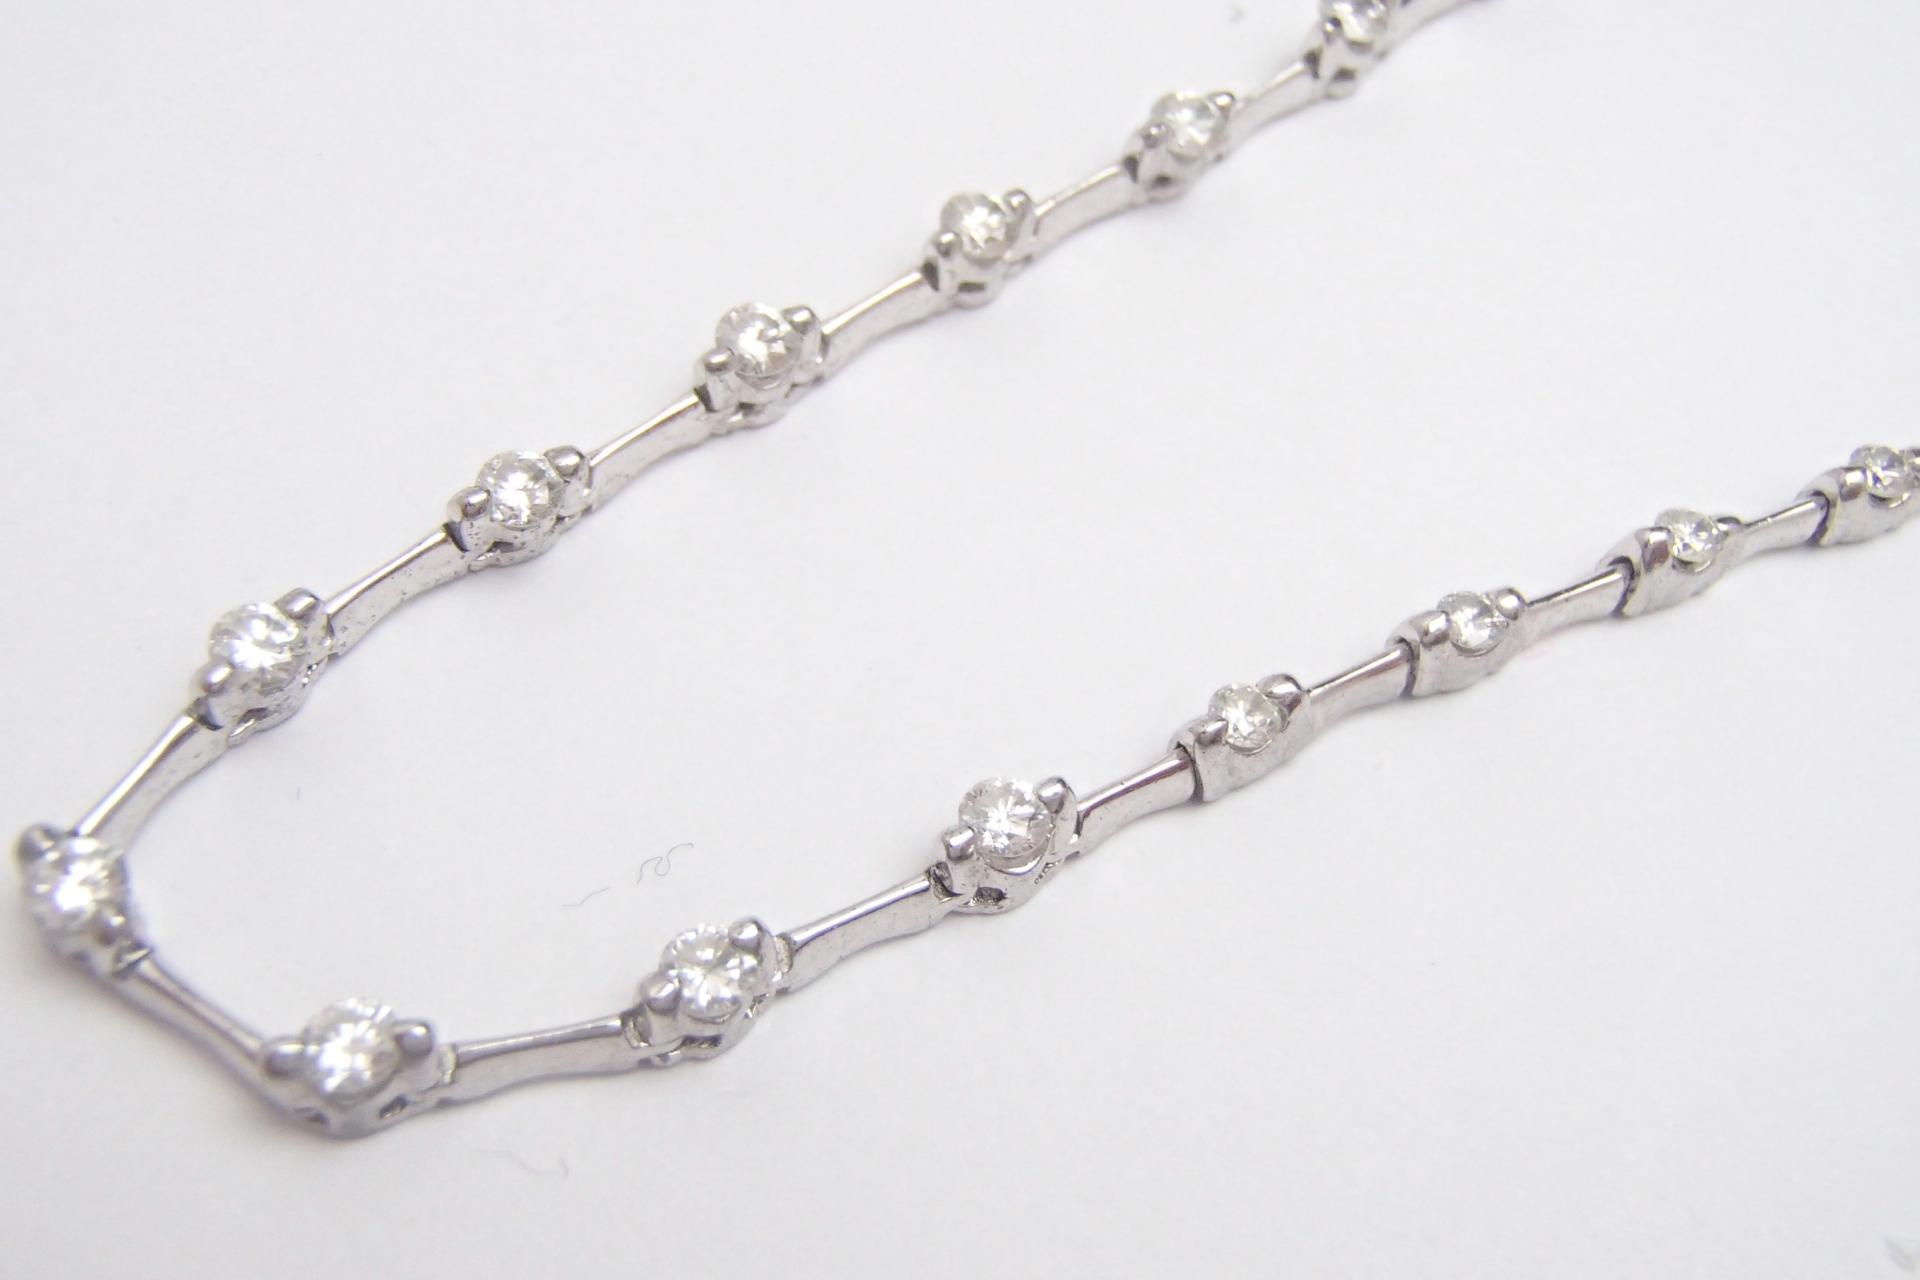 ダイヤのネックレスを高額買取しました! 千葉県のお客様